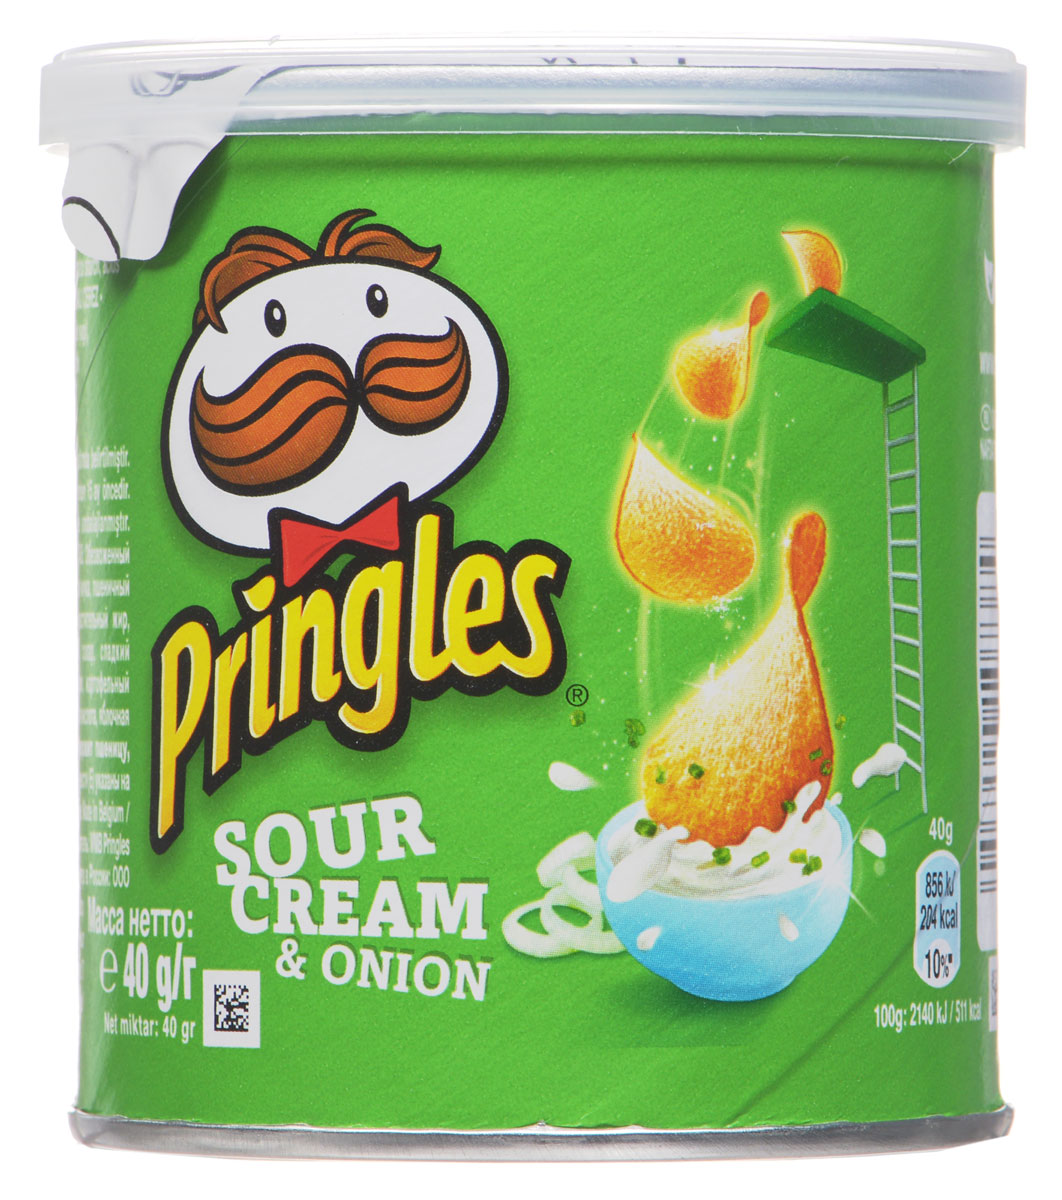 Pringles картофельные чипсы со вкусом сметаны и лука, 40 г0120710Картофельные чипсы Pringles со вкусом сметаны и лука подарят вам неповторимый вкус этого совершенного сочетания.